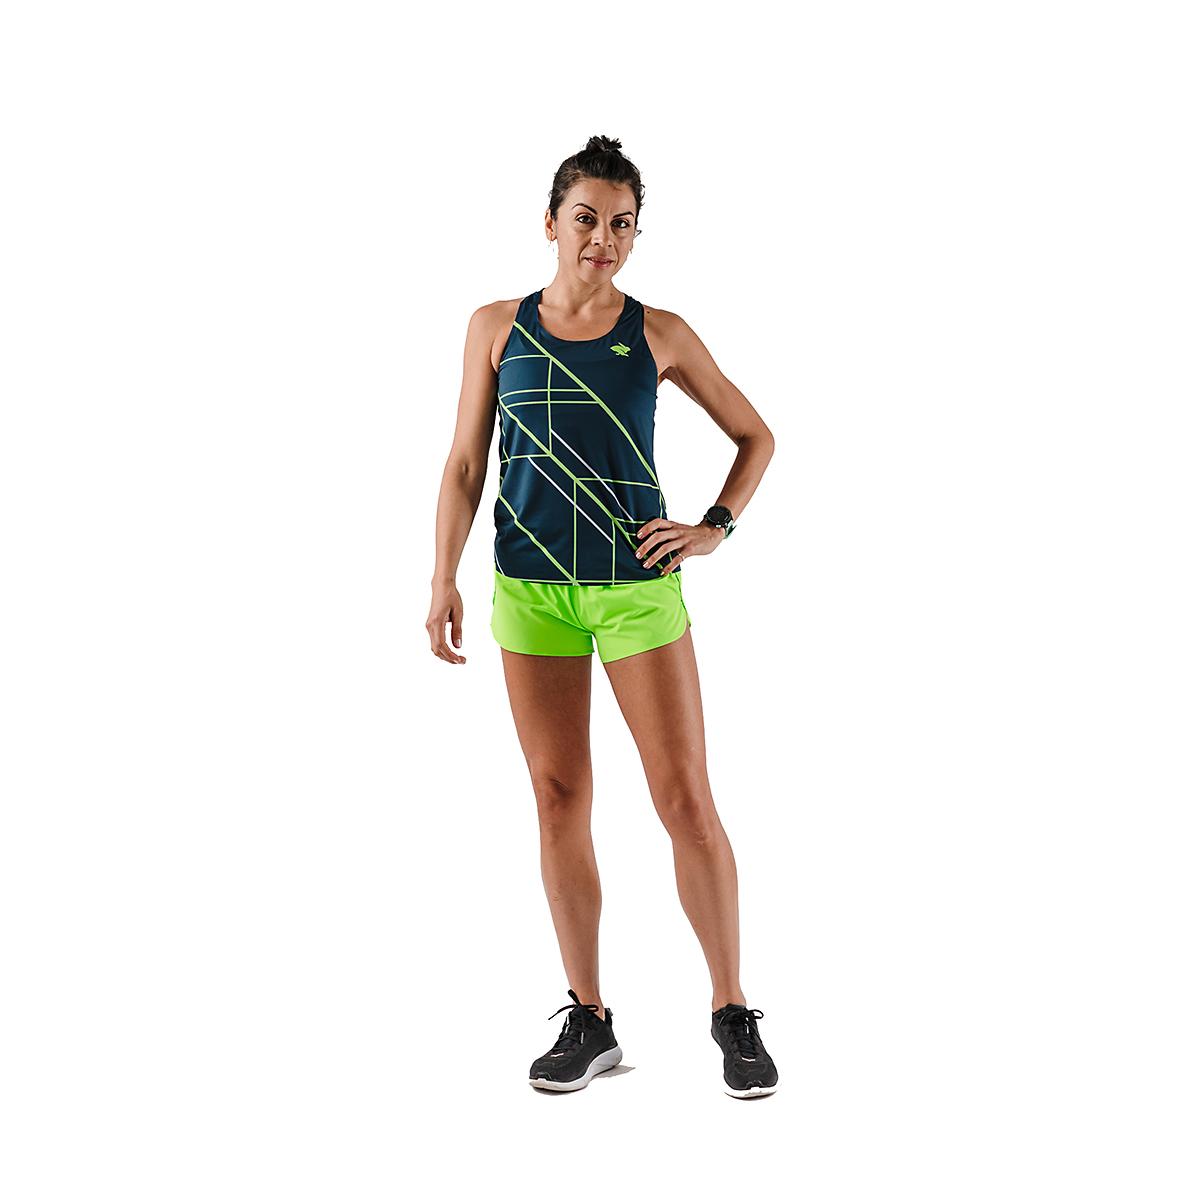 Women's Rabbit Speedeez Singlet - Color: Dress Blues/Green Gecko - Size: XS, Dress Blues/Green Gecko, large, image 5